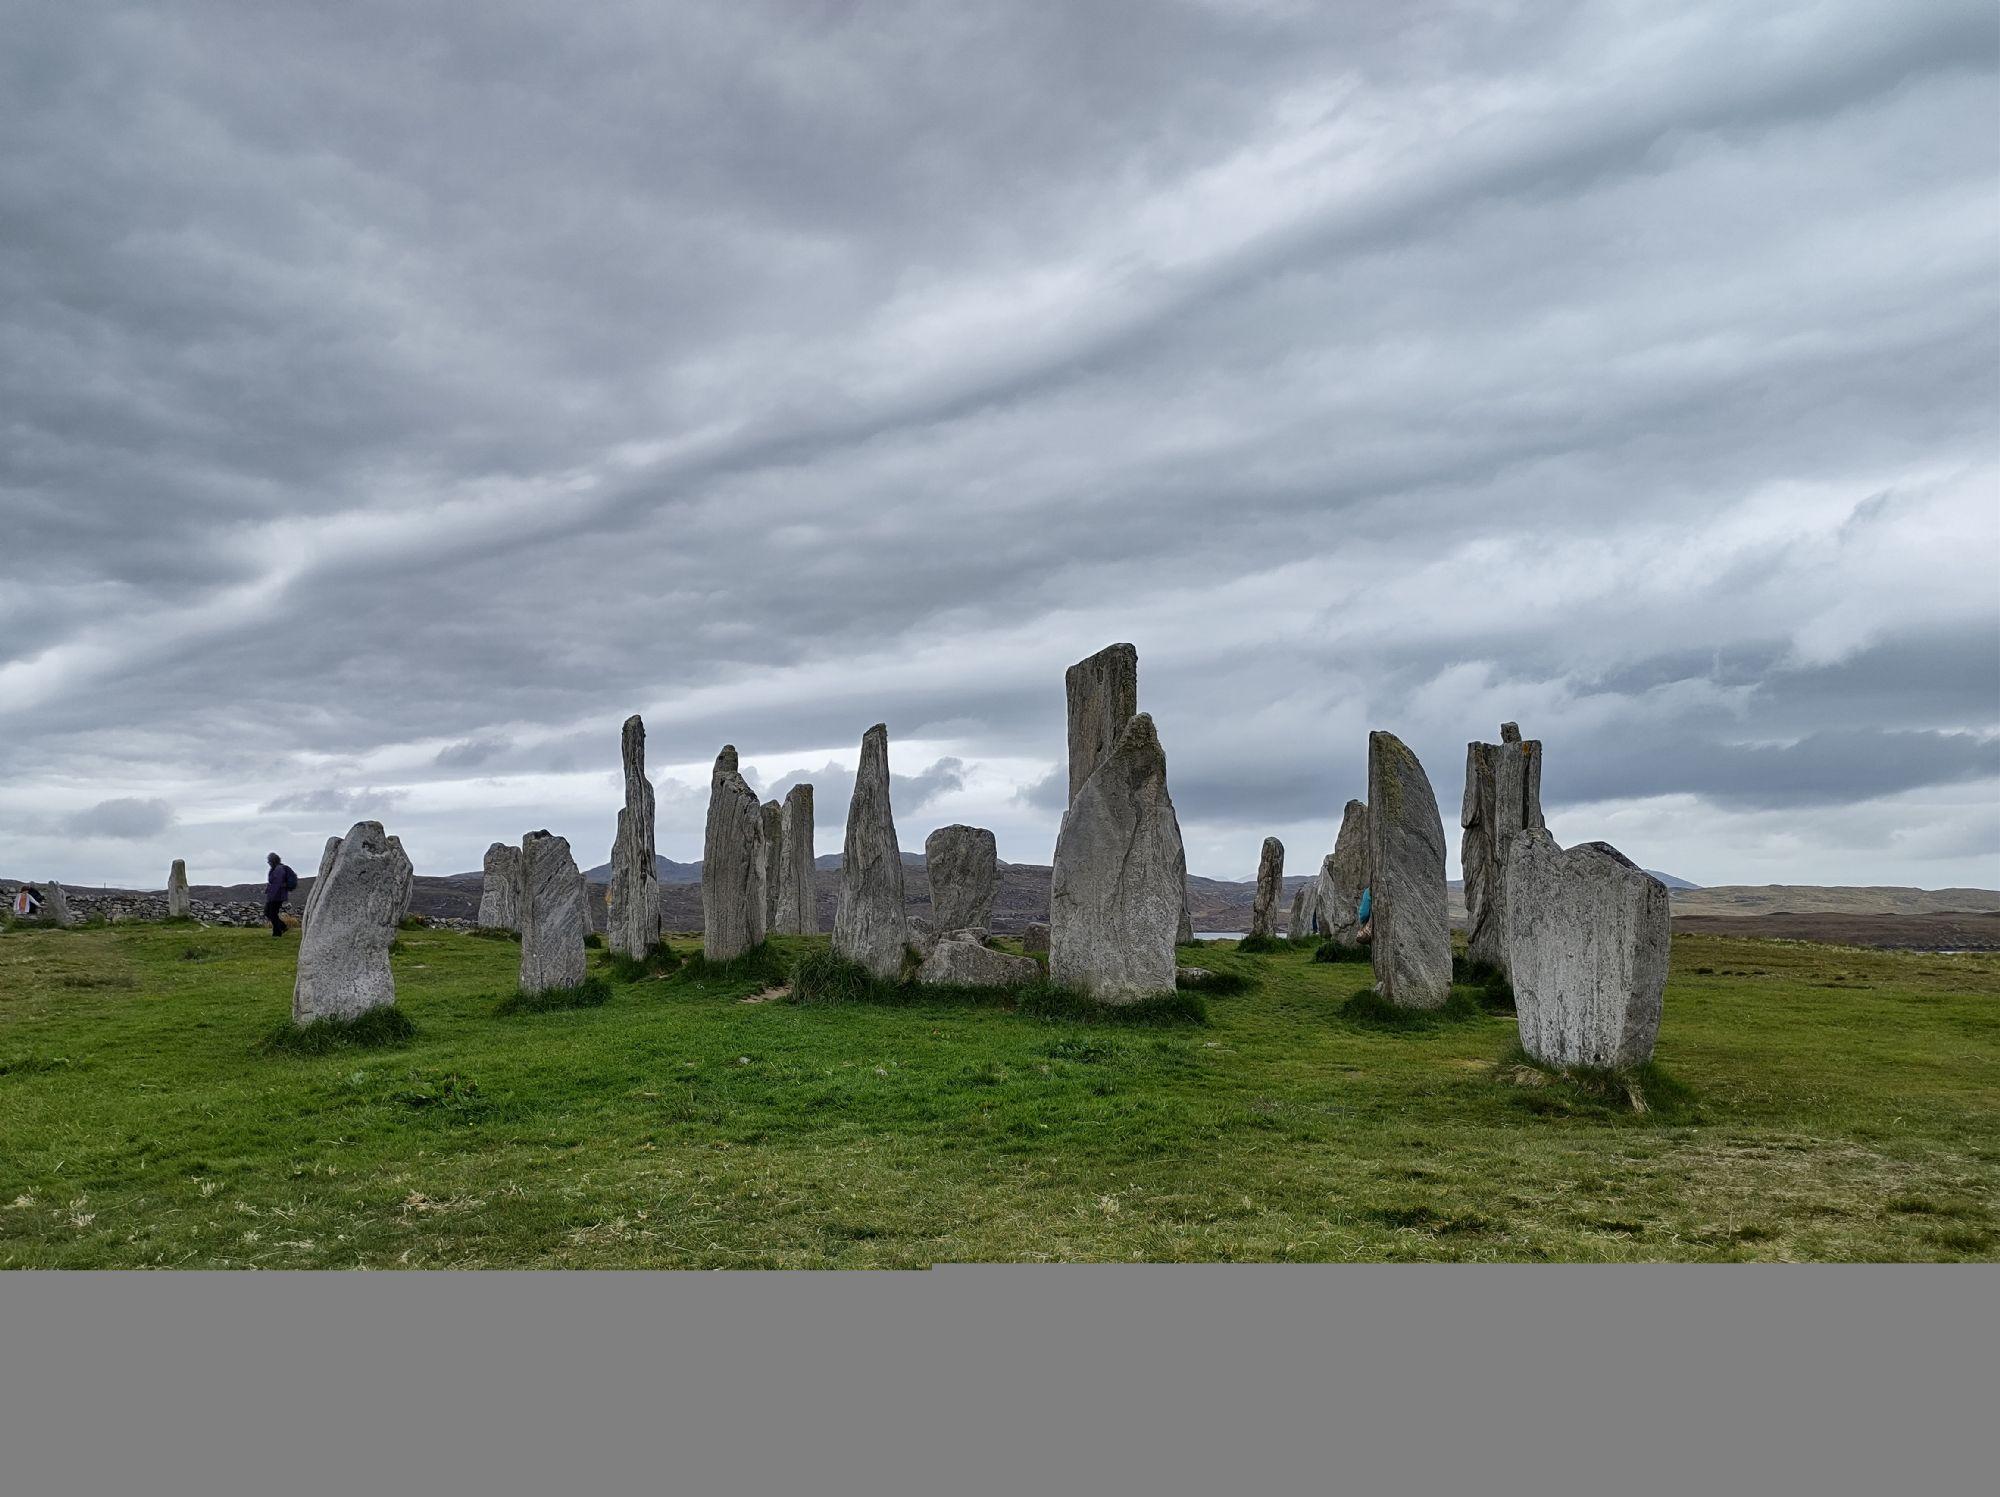 Callanish Stones